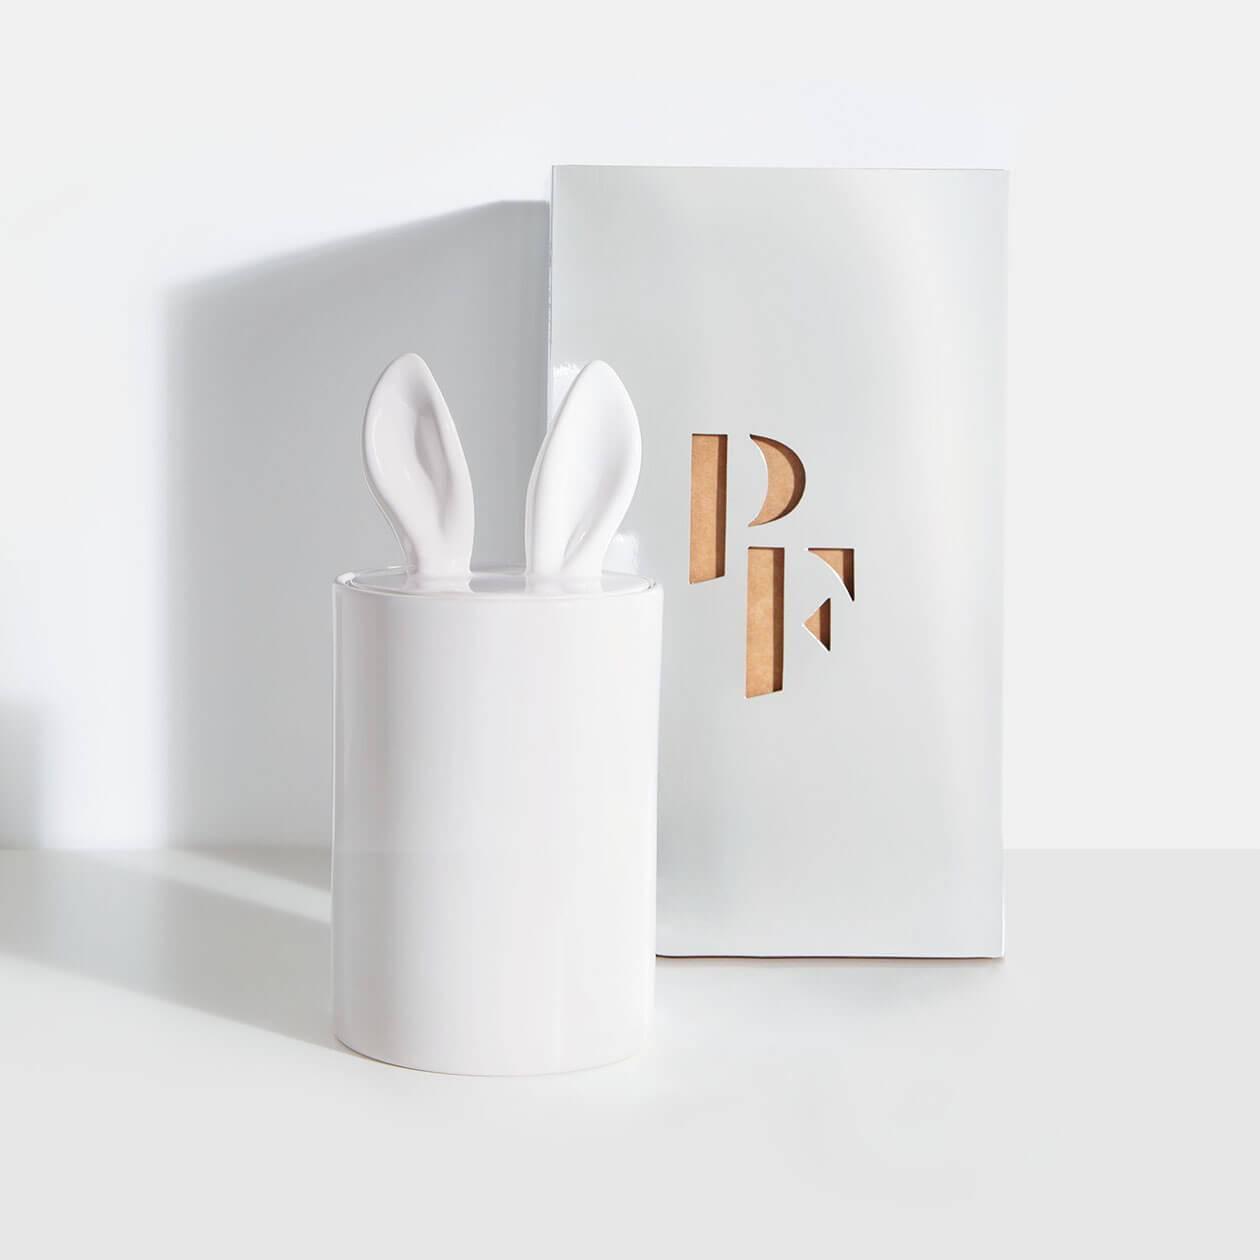 Design storage box Curiosity - Petite Friture